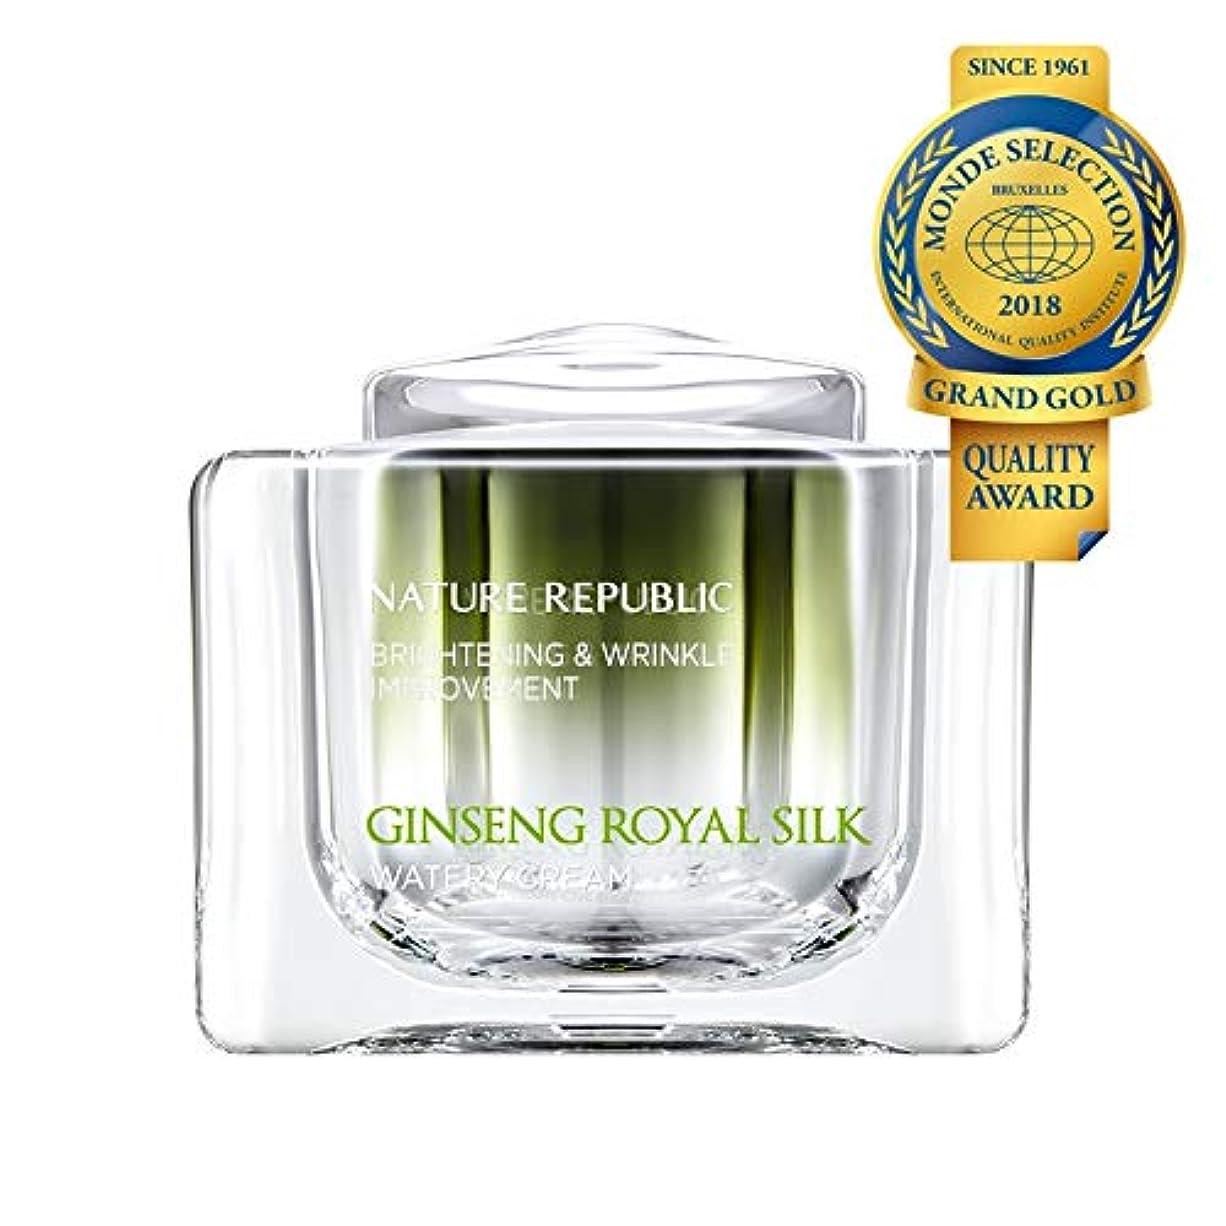 アナロジー最初にオートネイチャーリパブリック(Nature Republic)ジンセンロイヤルシルクウォーターリークリーム 60g / Ginseng Royal Silk Watery Cream 60g :: 韓国コスメ [並行輸入品]